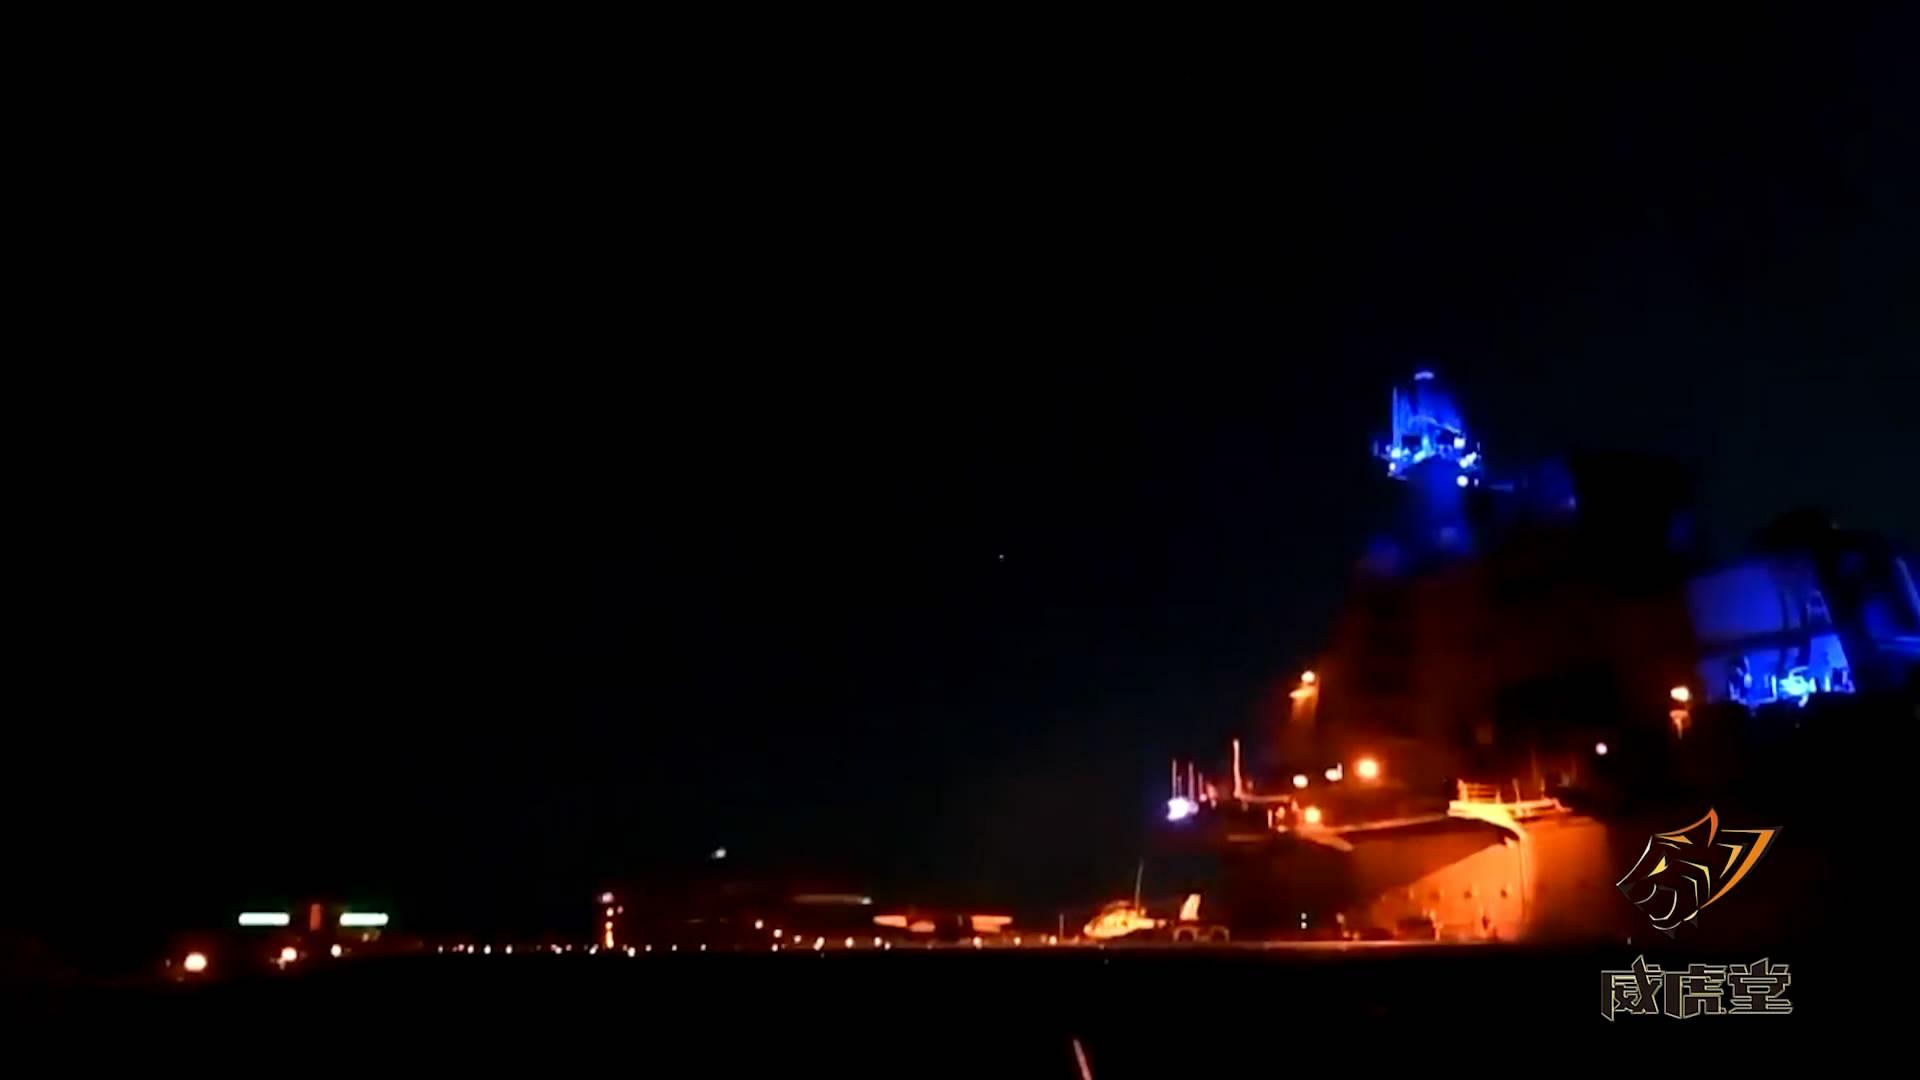 J-15の夜間着艦が公開 パイロッ...